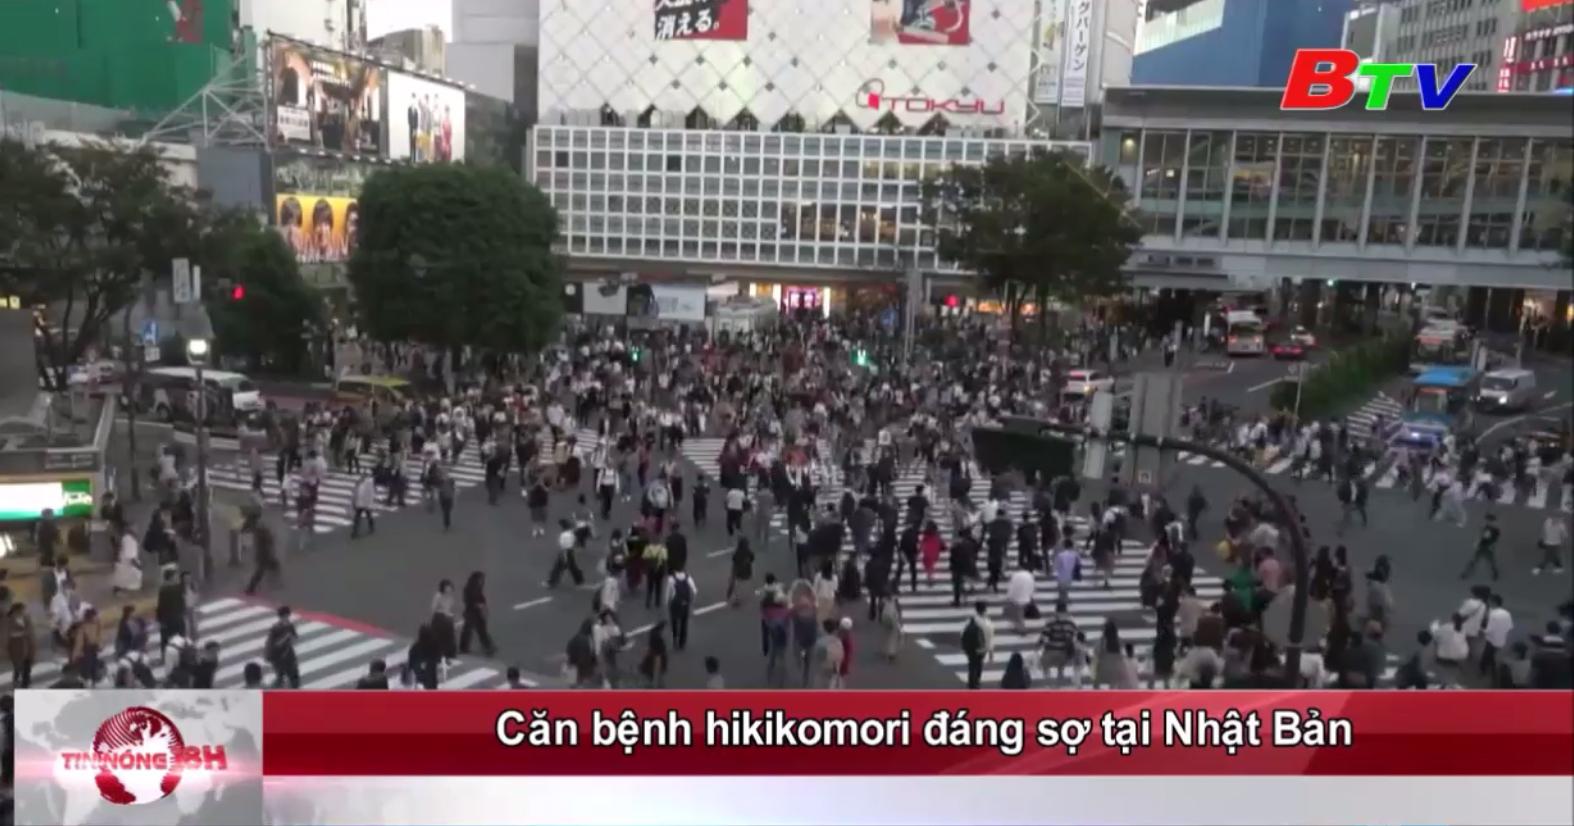 Căn bệnh hikikomori đáng sợ tại Nhật Bản